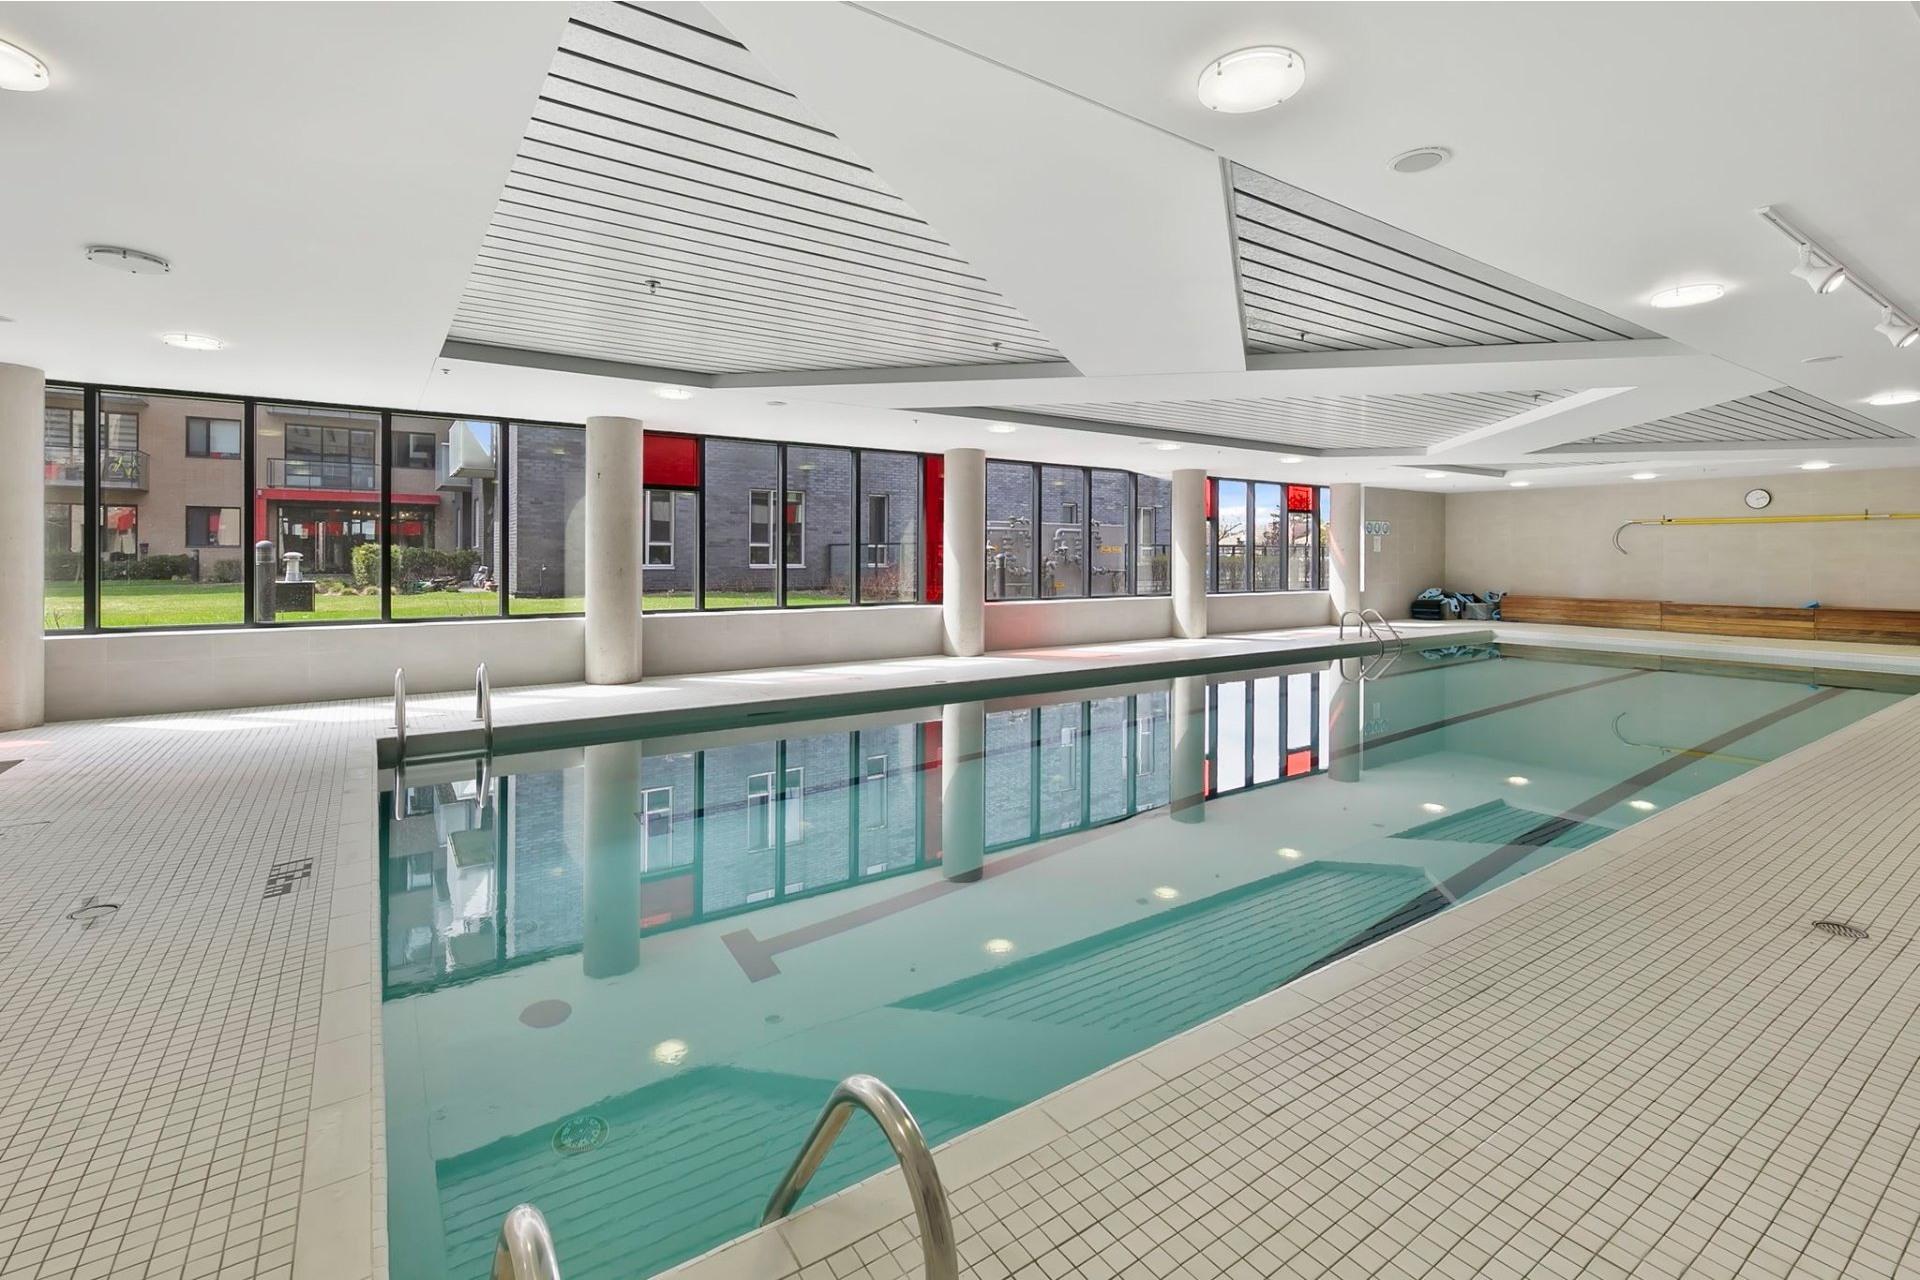 image 21 - Apartment For sale Côte-des-Neiges/Notre-Dame-de-Grâce Montréal  - 8 rooms